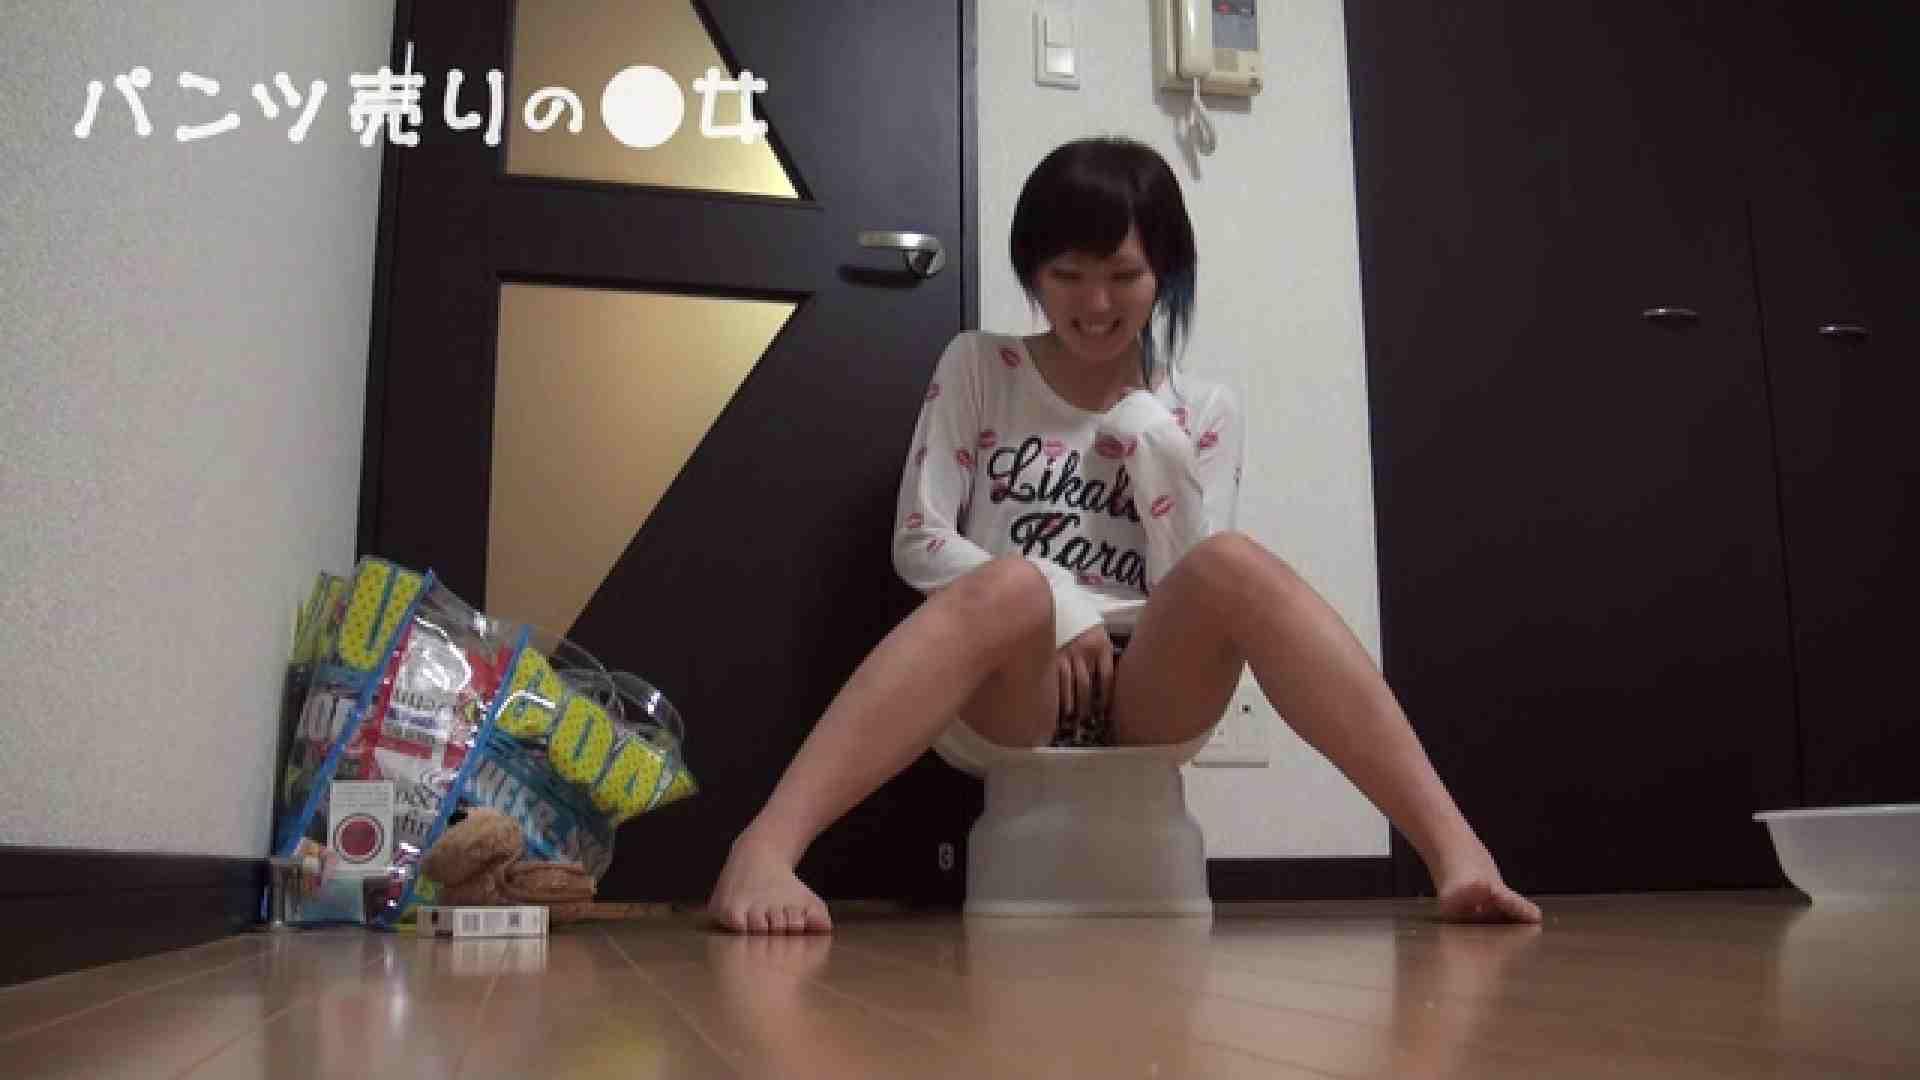 新説 パンツ売りの女の子nana パンツ   0  103連発 47